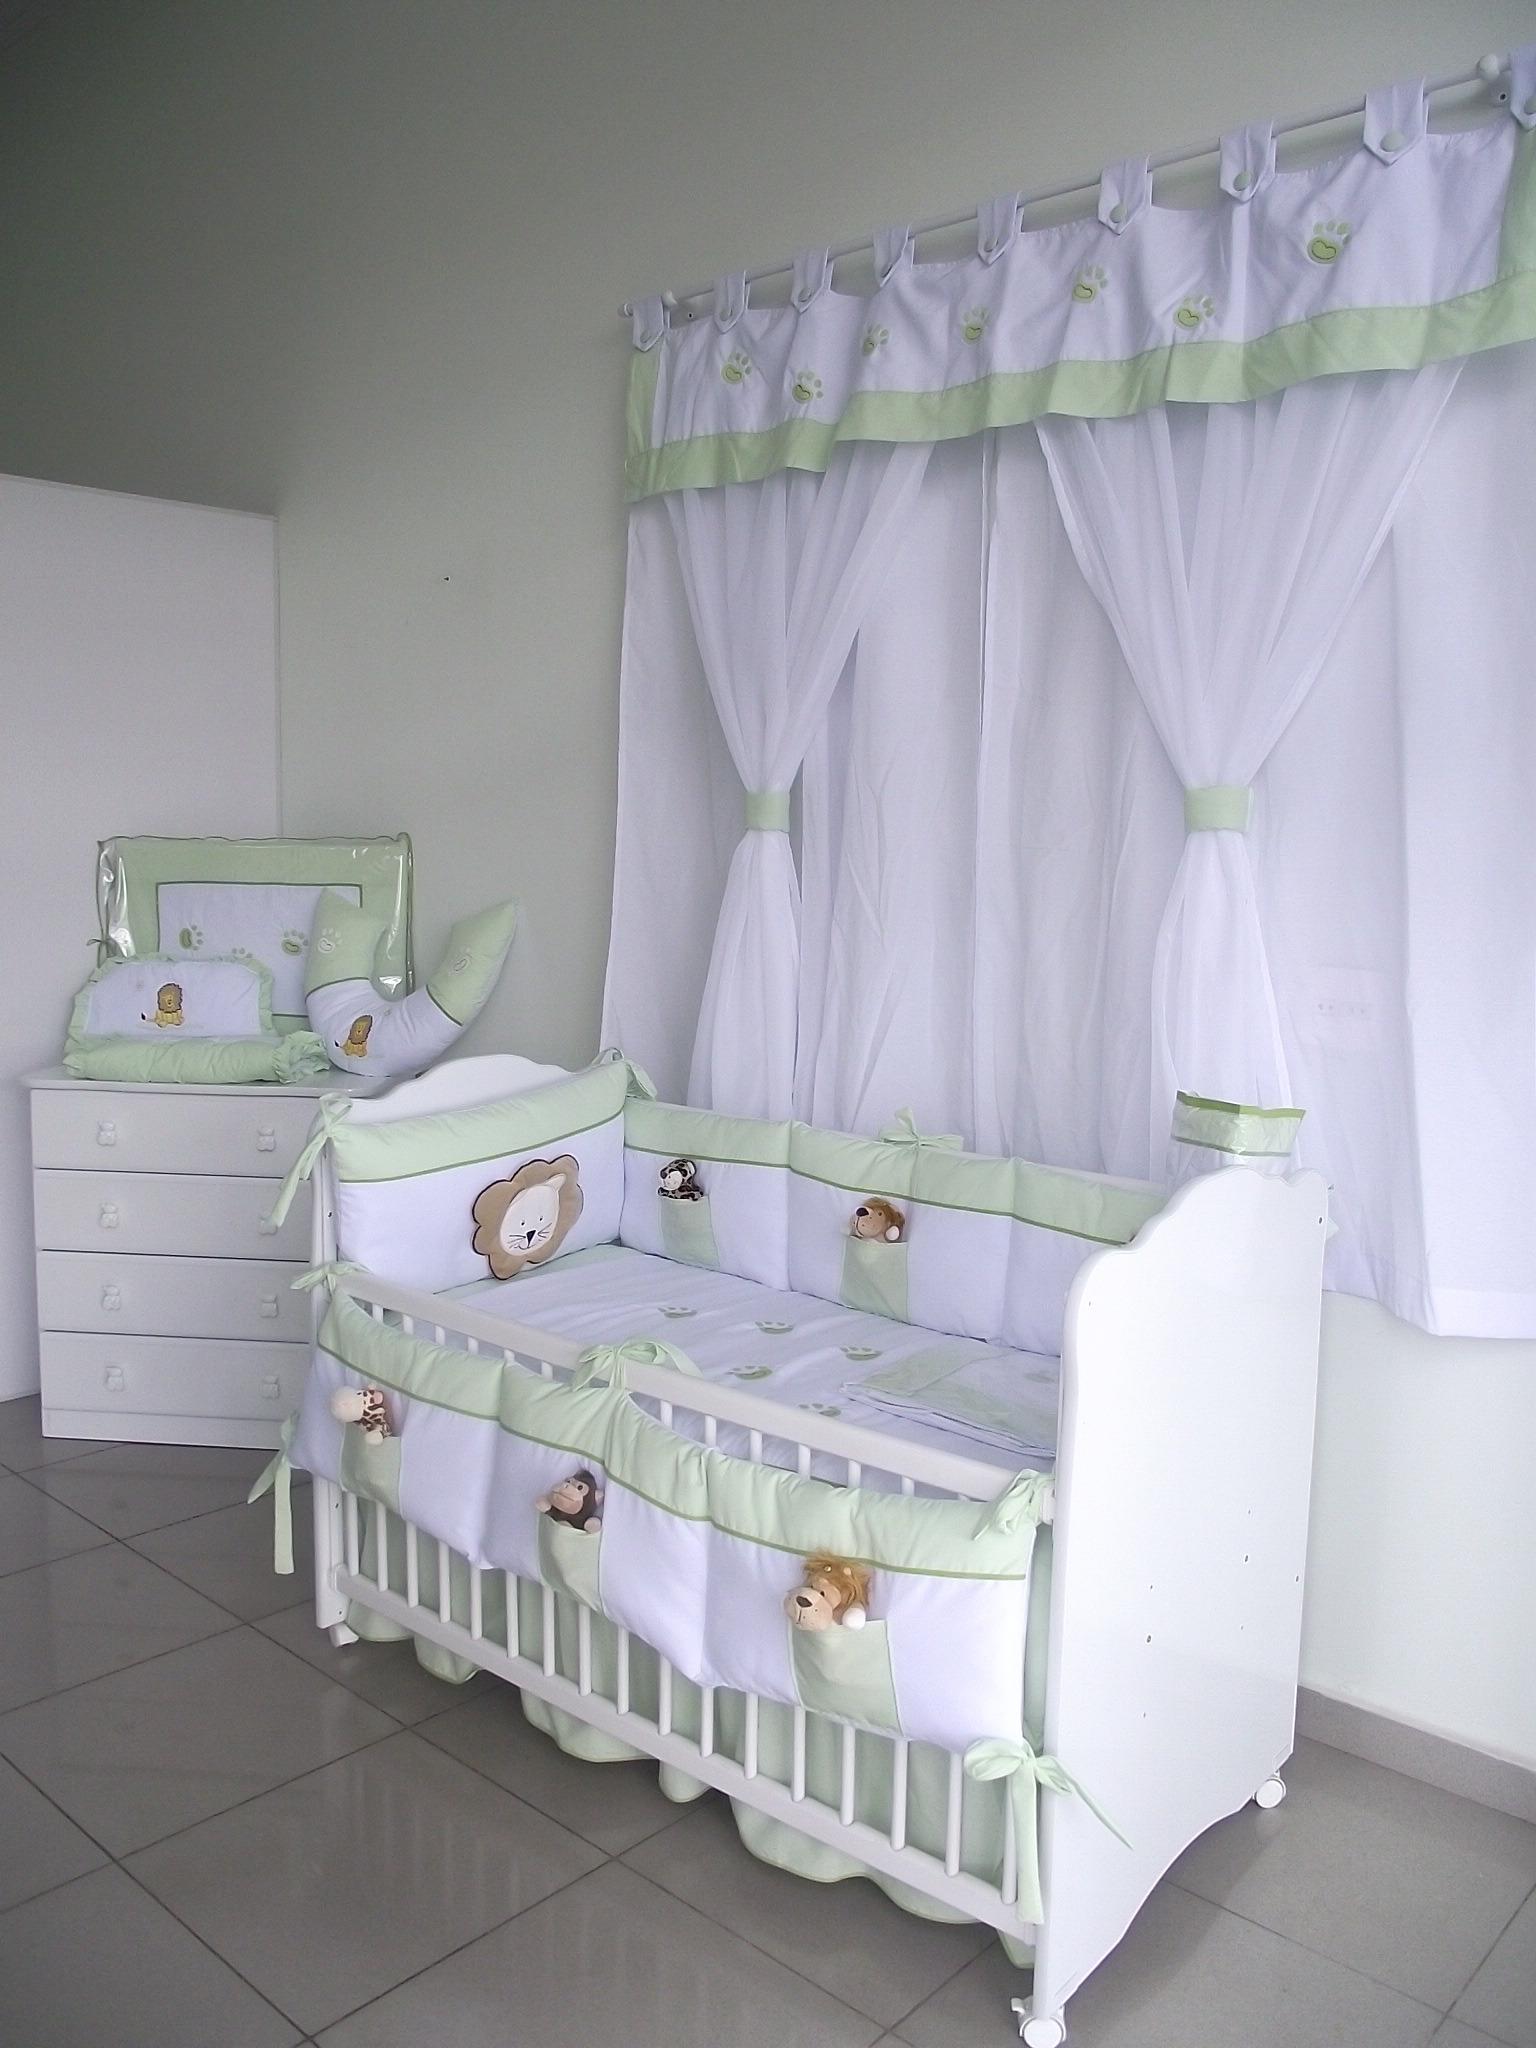 Cortinas para quarto de bebe tattoo design bild - Cortinas para bebes ...